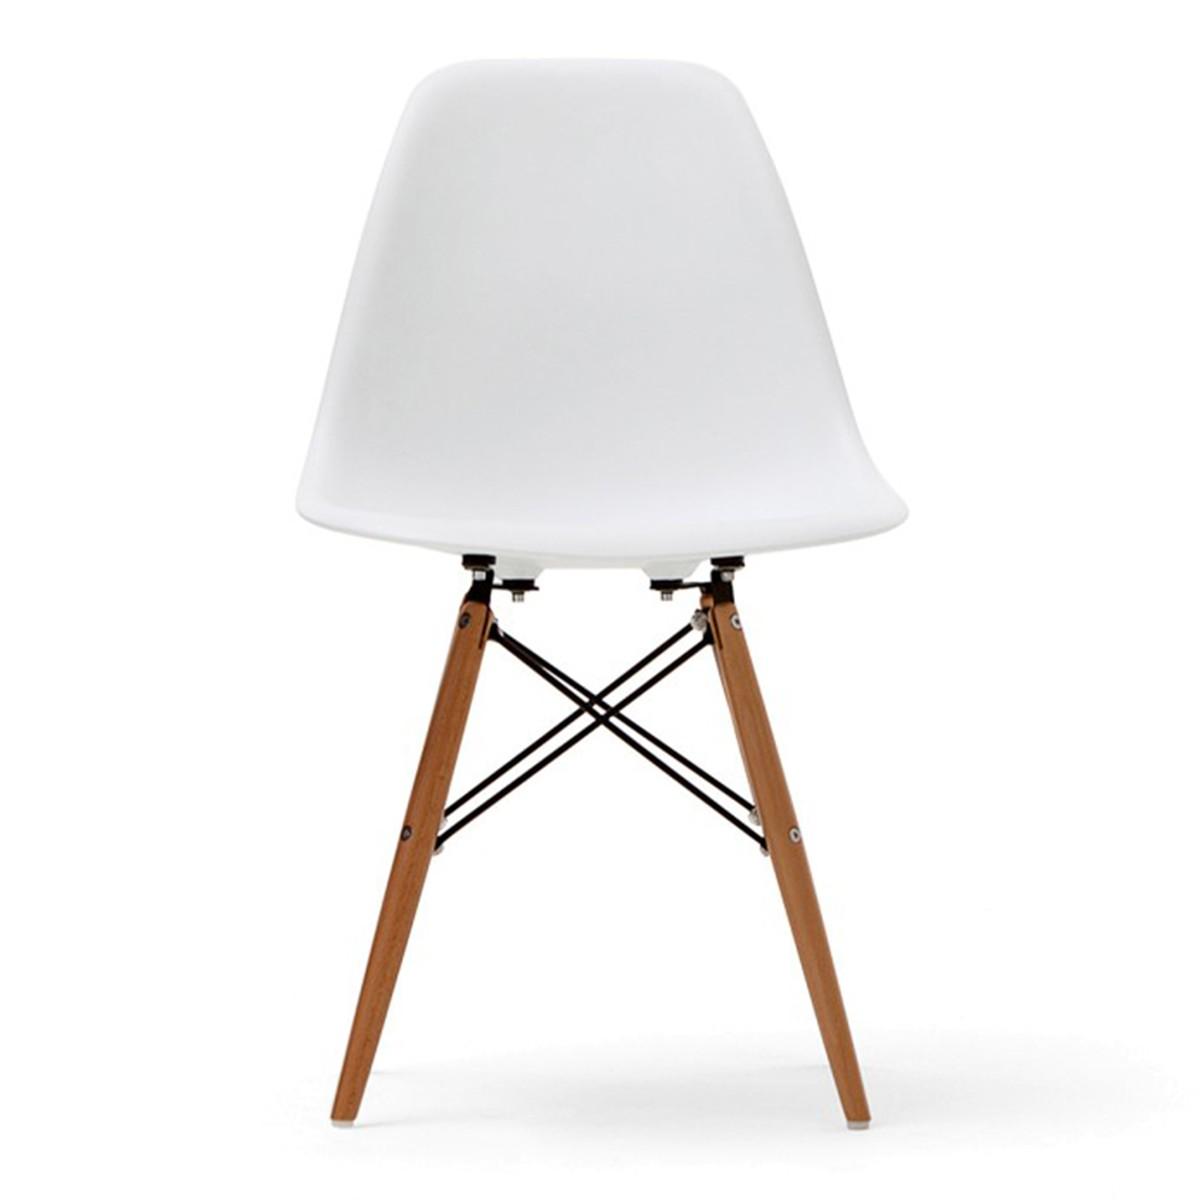 Chaise en plastique moulé blanche avec pieds en bois (T811E006-WT)